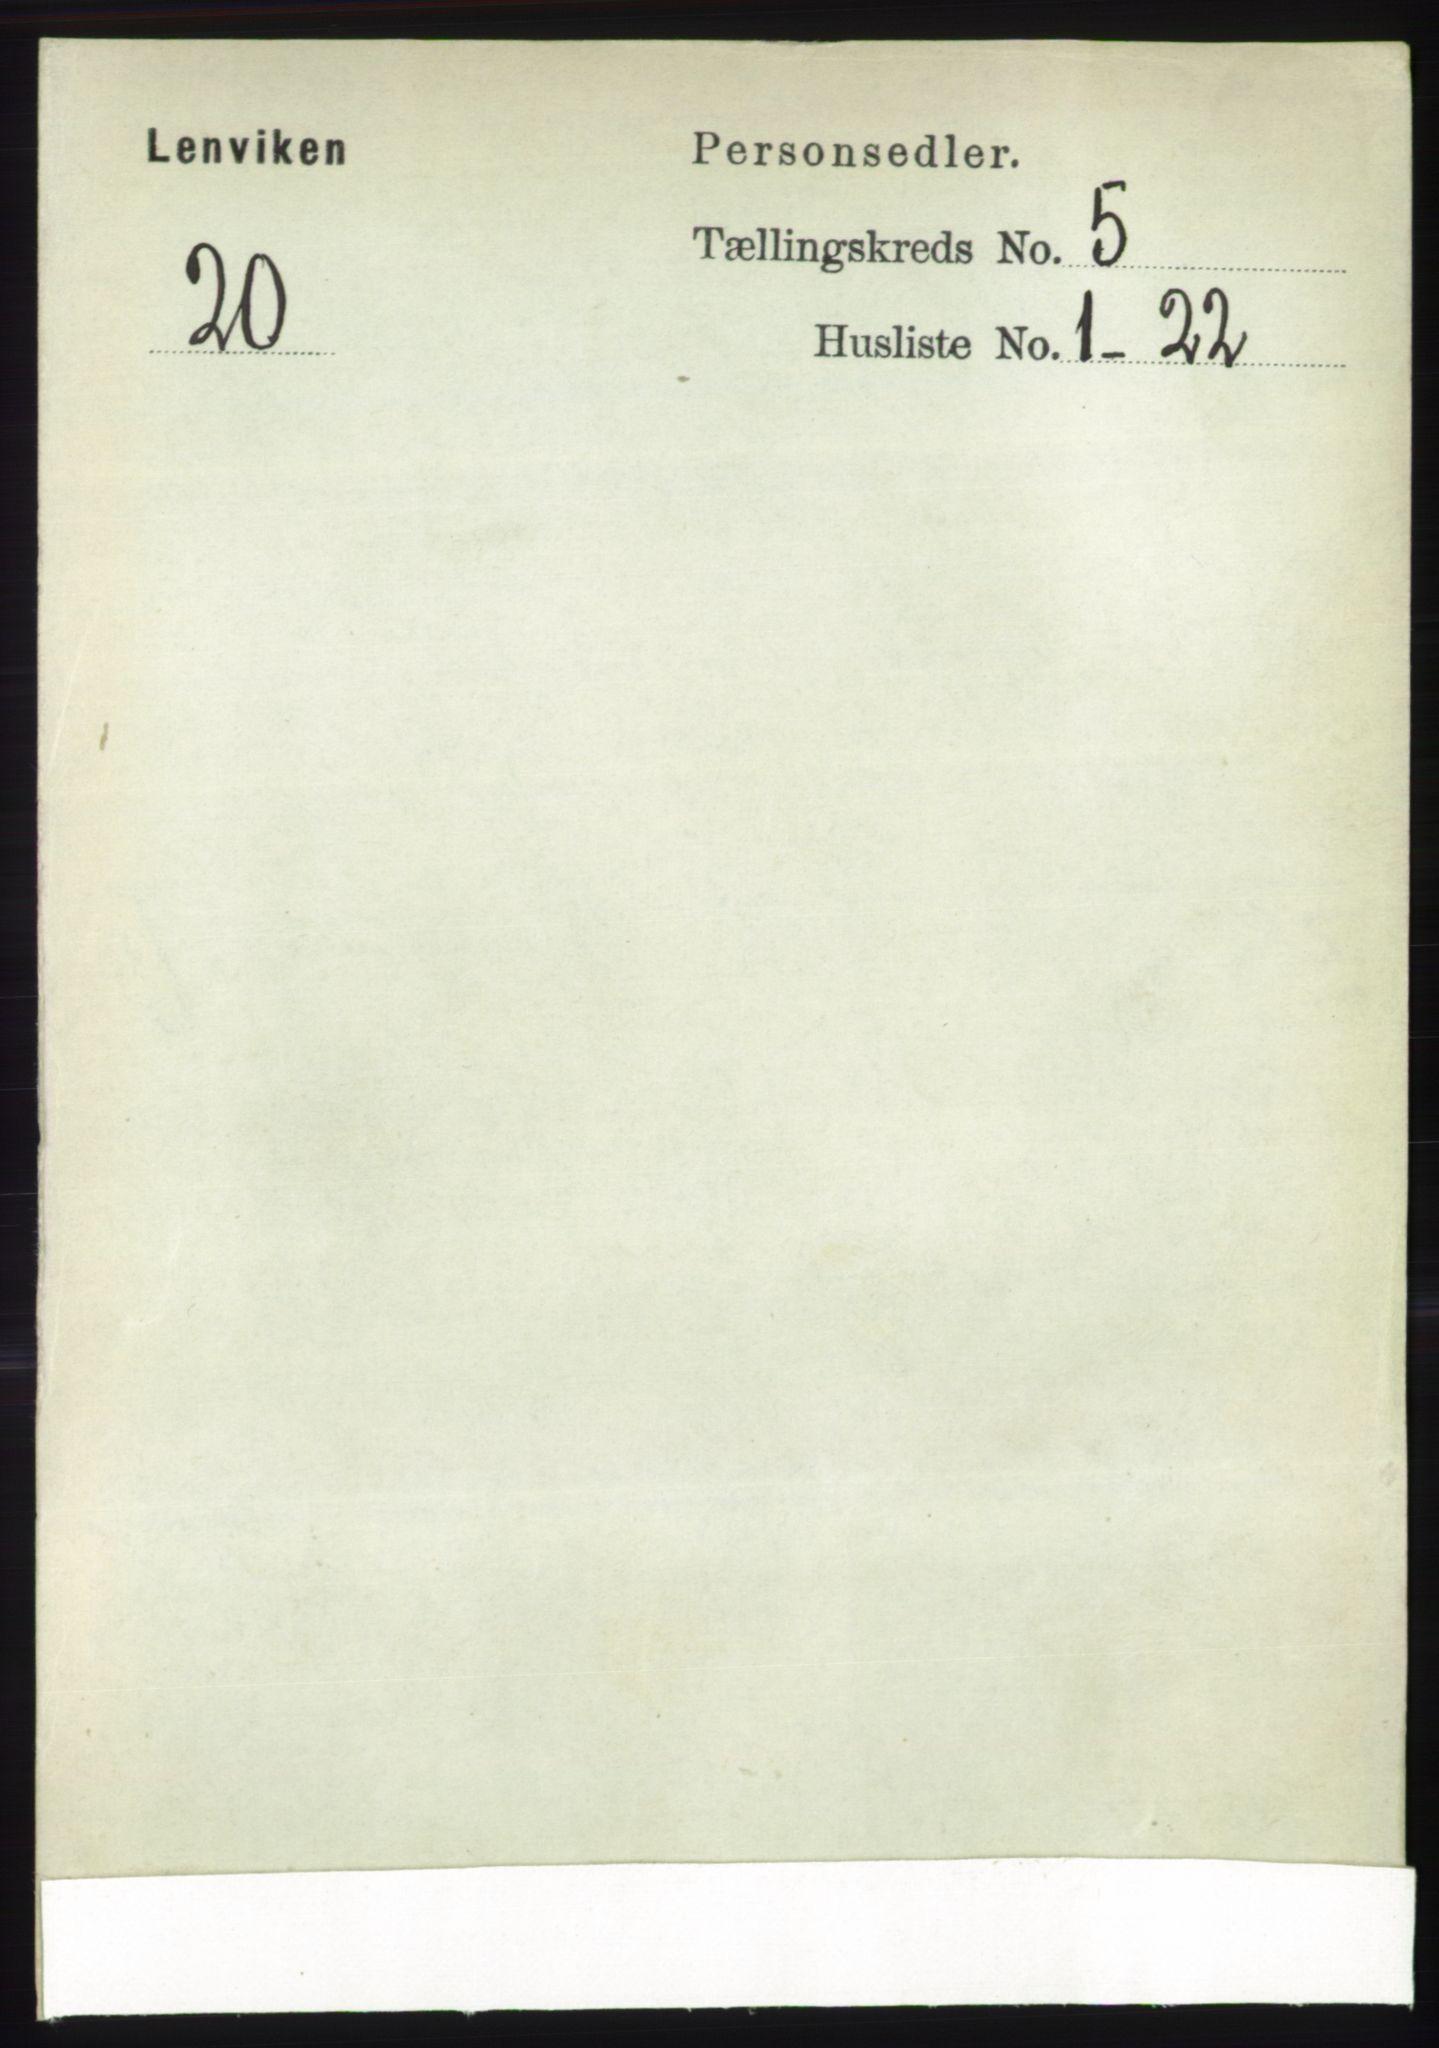 RA, Folketelling 1891 for 1931 Lenvik herred, 1891, s. 2548